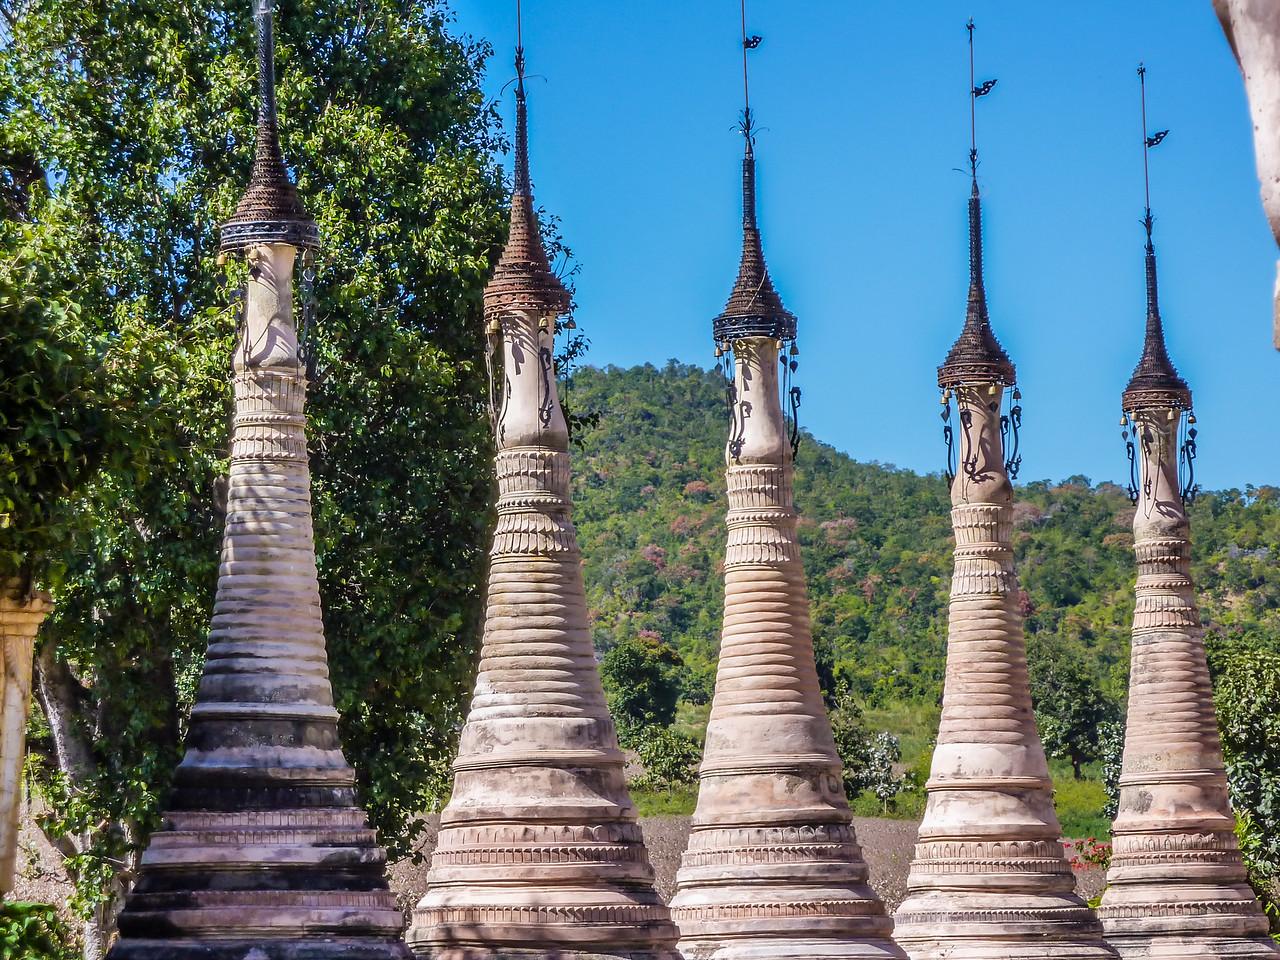 Takhaung Mwetaw Pagoda, Inle Lake, Myanmar